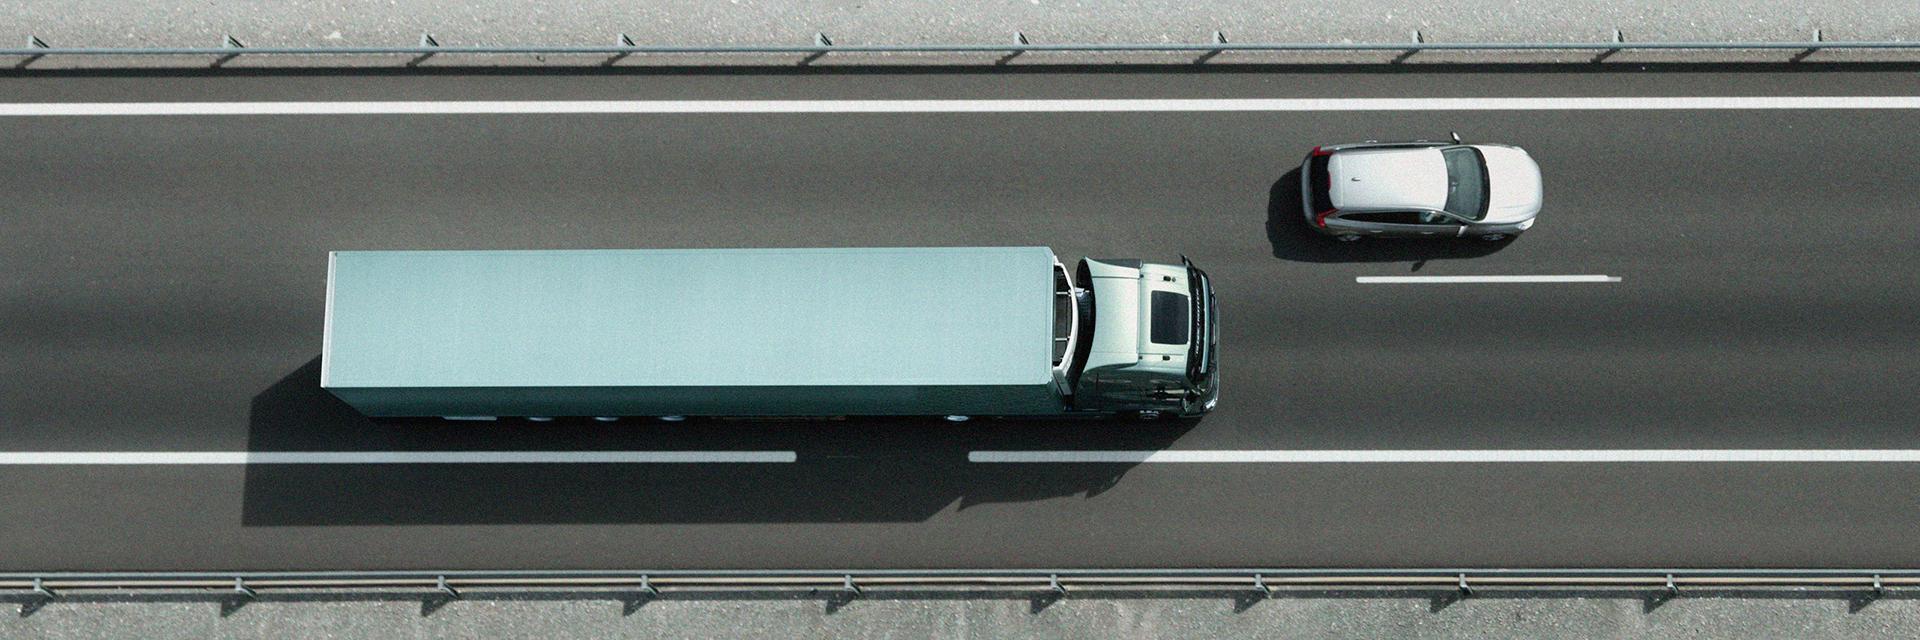 Kuorma-autojen huoltopalvelut Käyttöautossa.